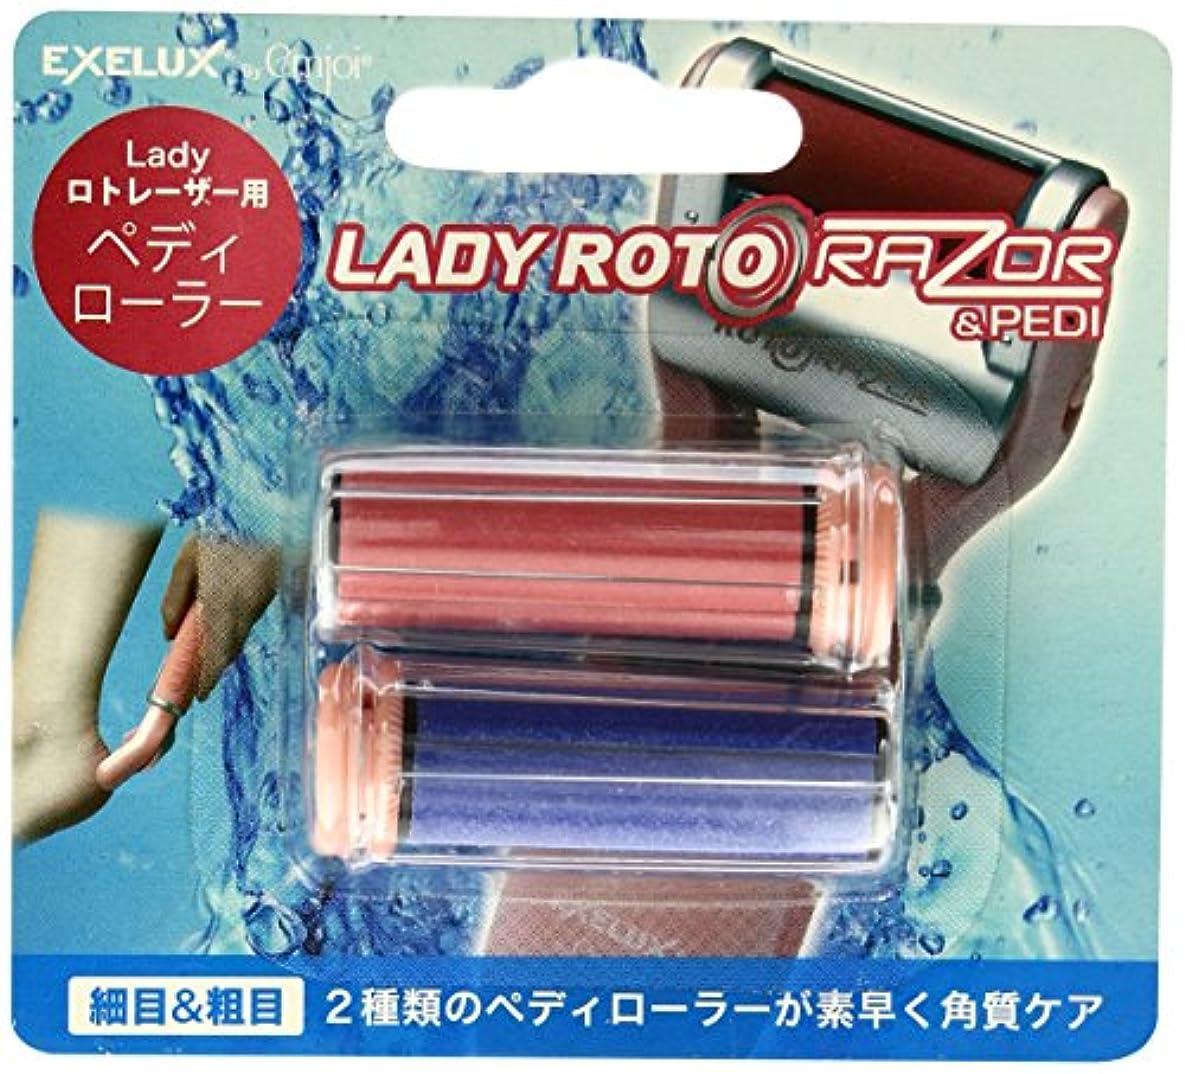 バスルーム囚人開発するmetex Lady ロトレーザー & Pedi用ペディローラー EJRR-LP2